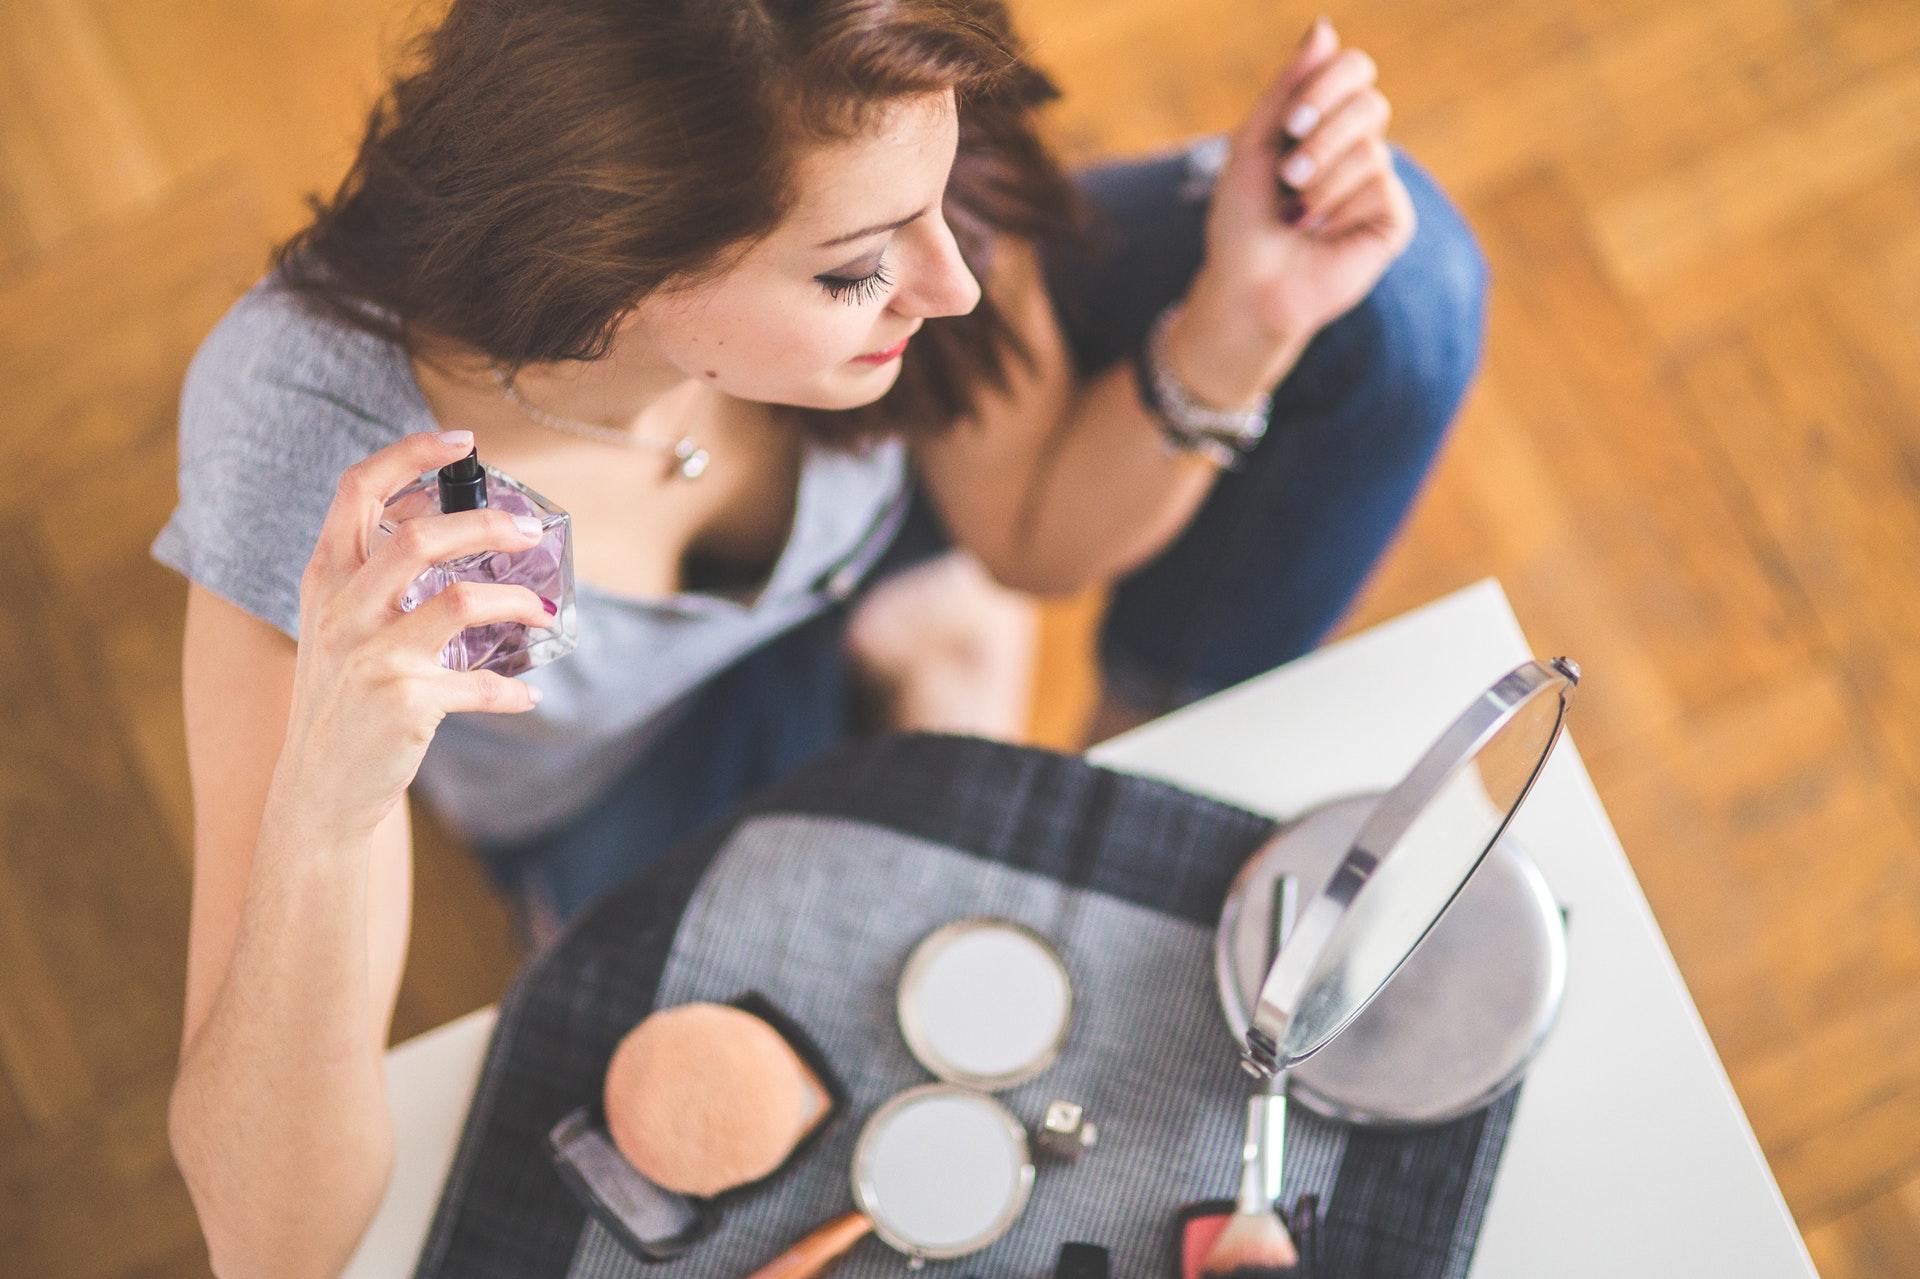 makeup, beautyprodukter, parfume, skønhed, pleje, skønhedsprodukter, tips, sælg, behold, overvejelser, indkøb, råd, skønhed